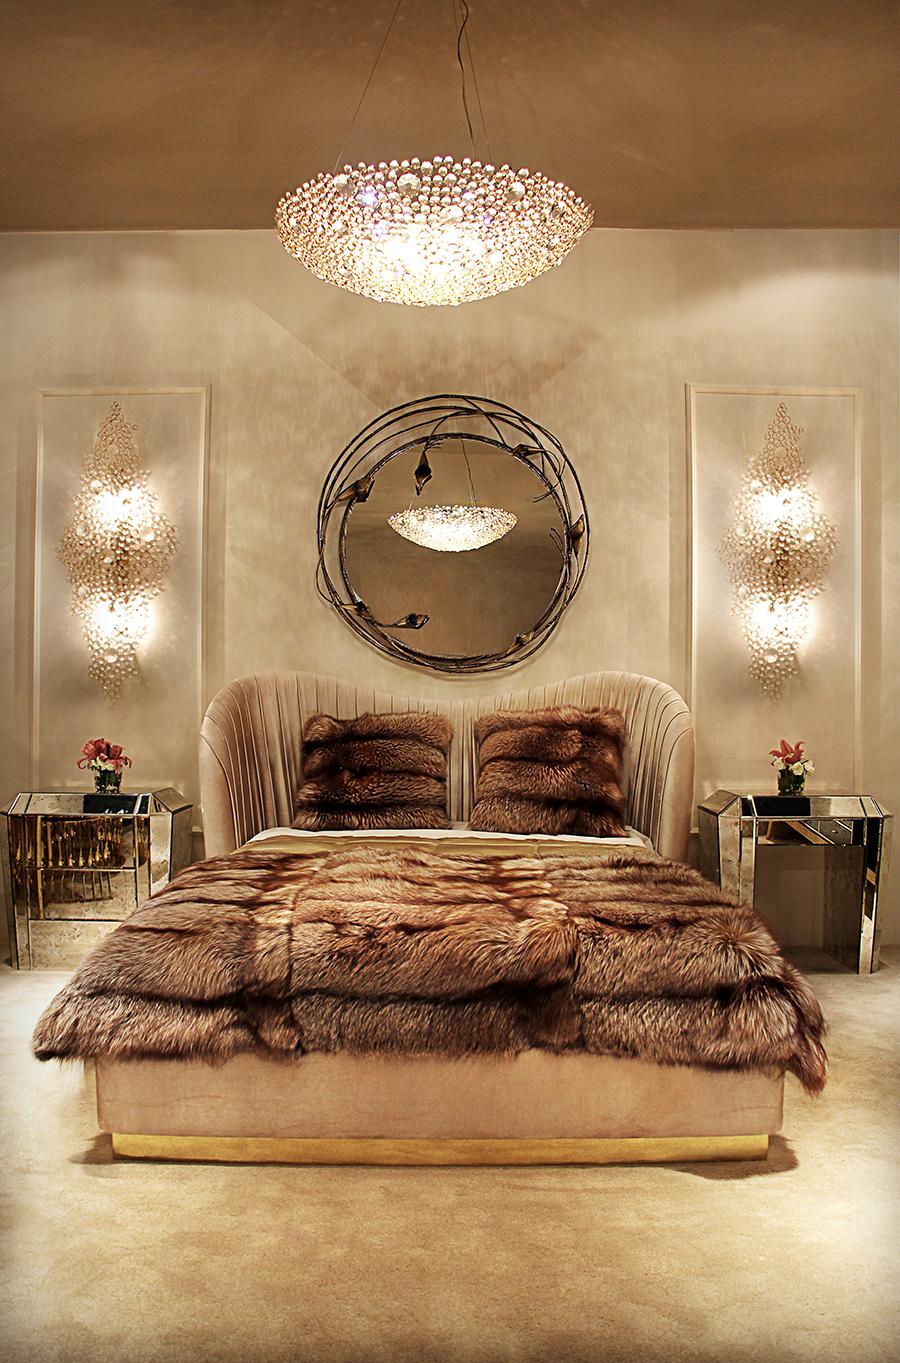 25 лучших идей для дизайна спальни 25 лучших идей для дизайна спальни 25                                                           19